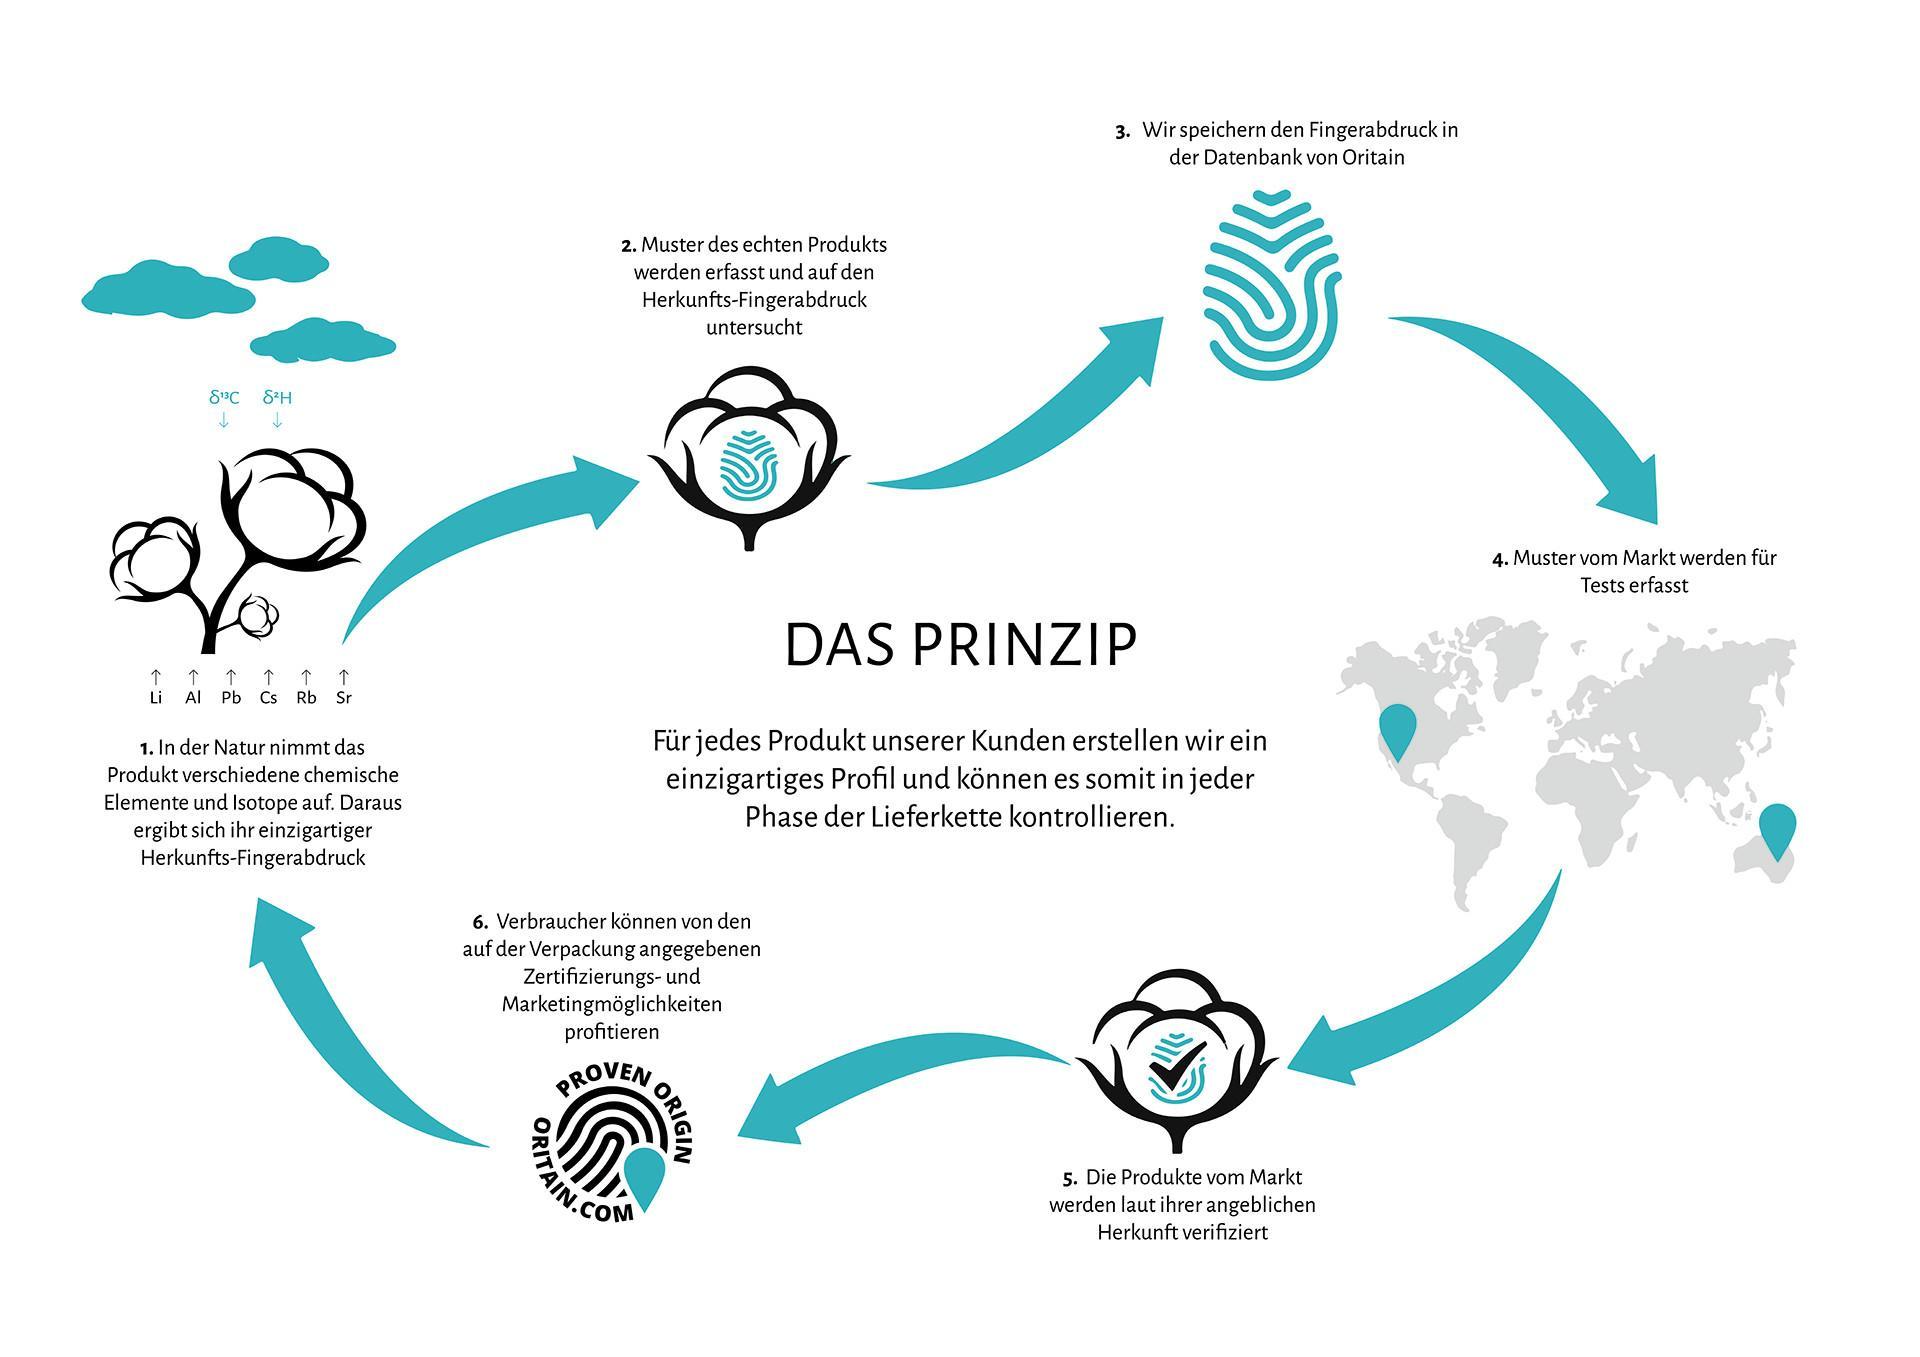 Abgebildet ist ein Flussdiagramm mit Angaben zur Arbeit von Oritain hinsichtlich der Validierung von Baumwollmustern in unserer Lieferkette.